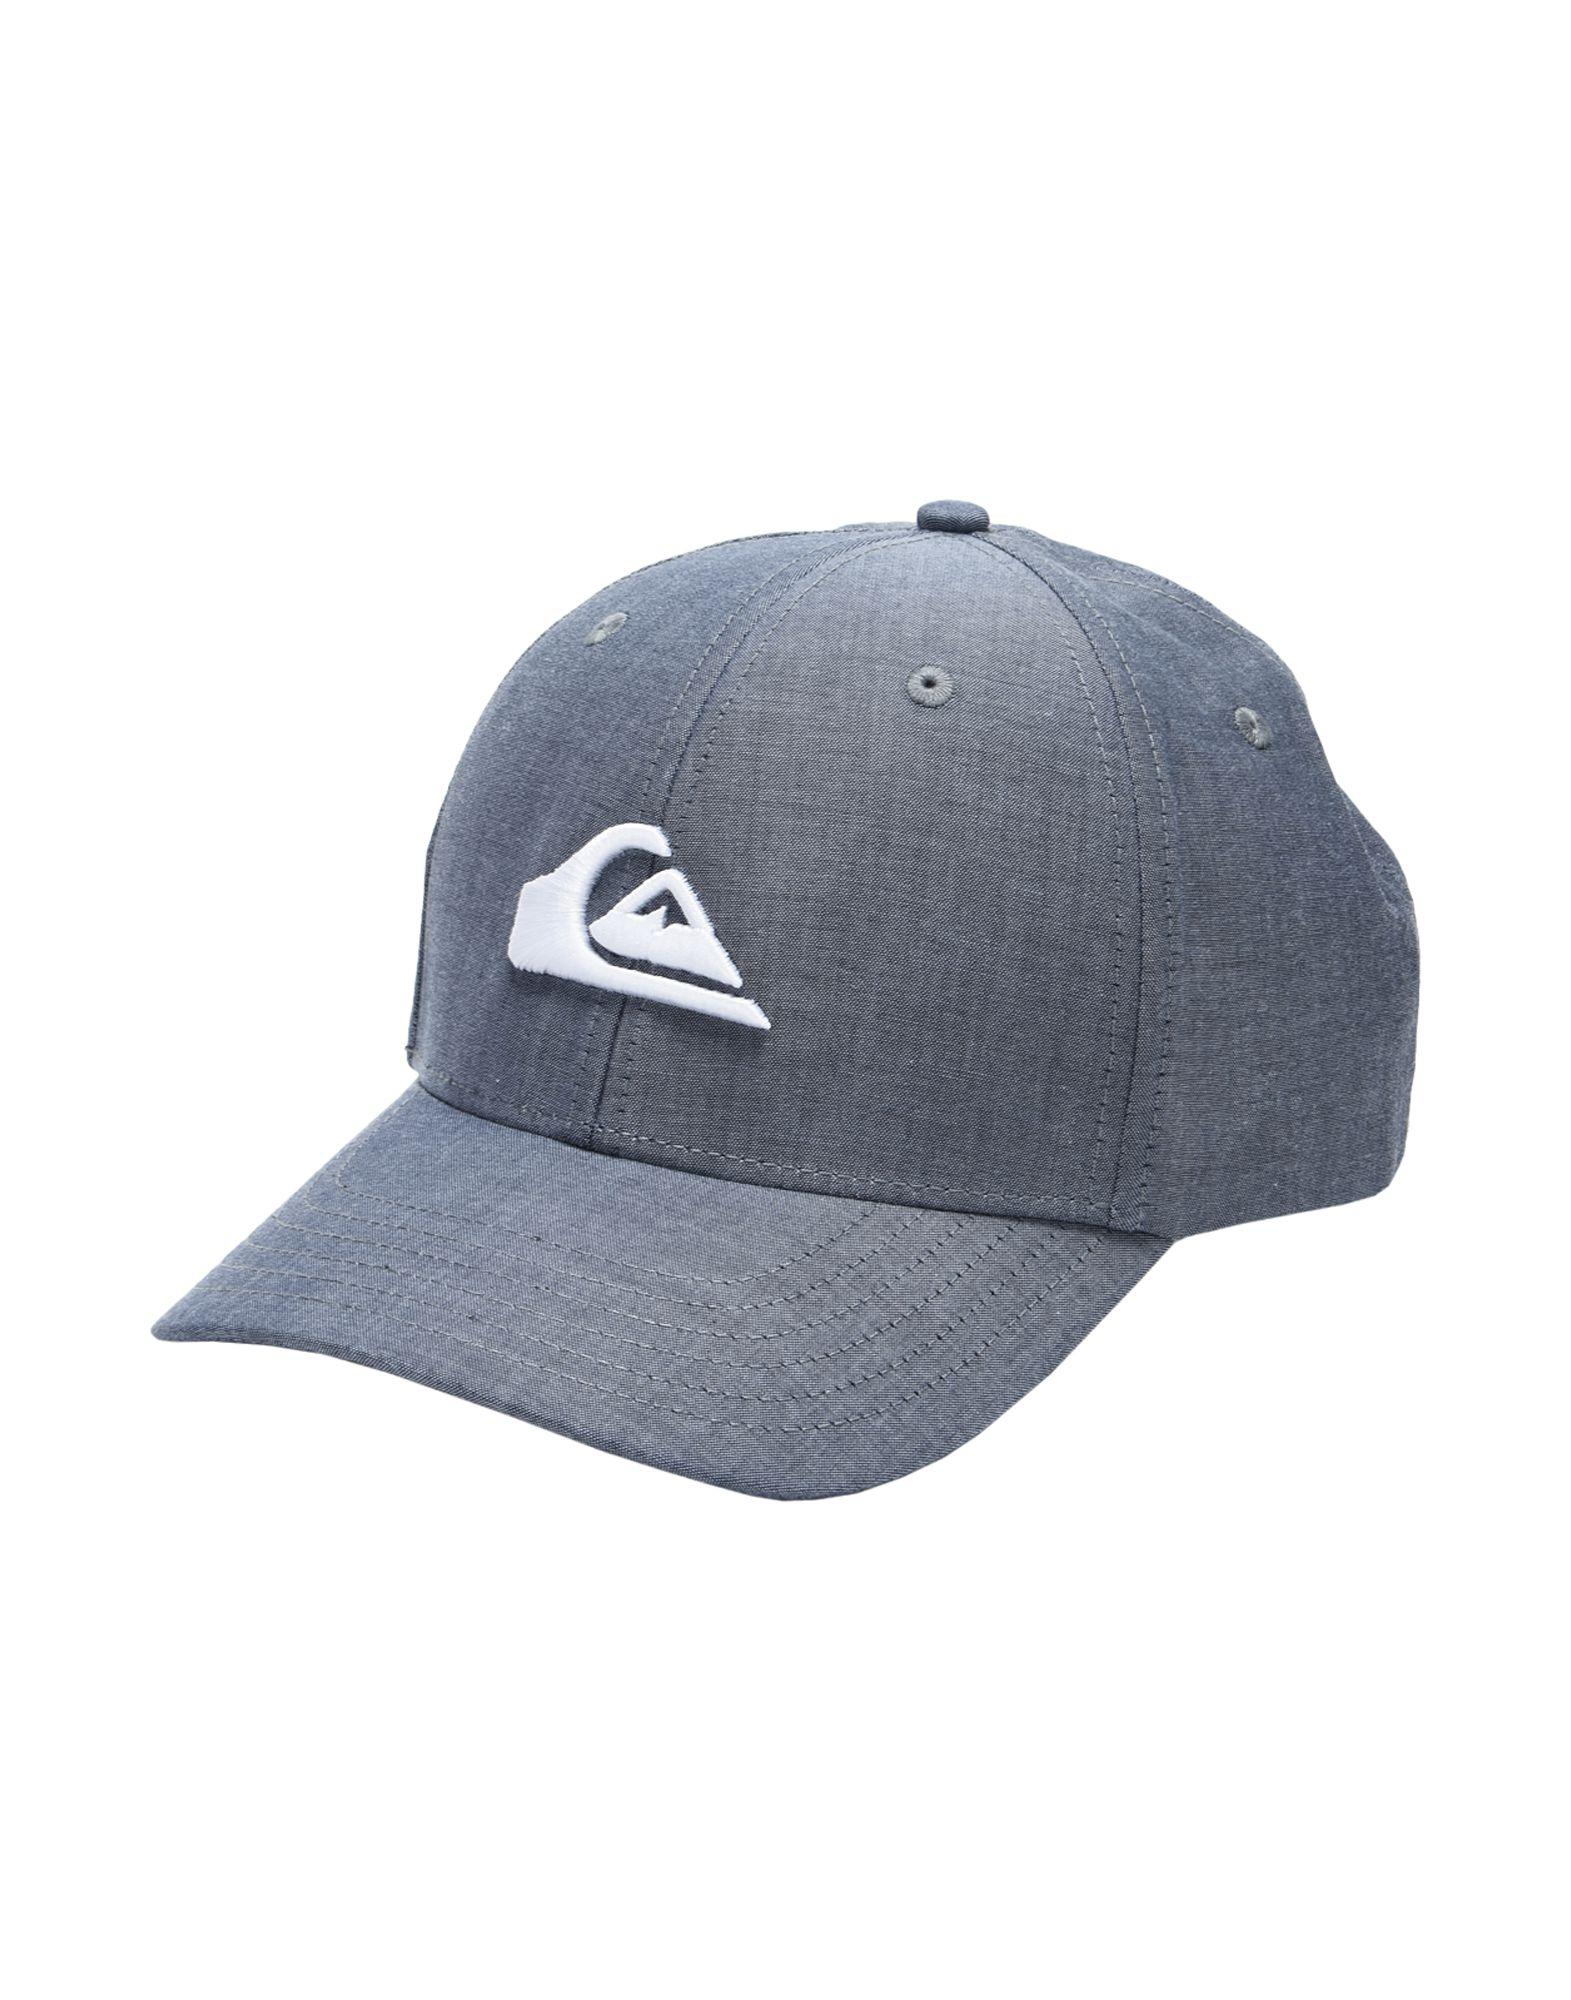 《送料無料》QUIKSILVER メンズ 帽子 ブルーグレー one size コットン 100% QS Cappellino Charger Plus